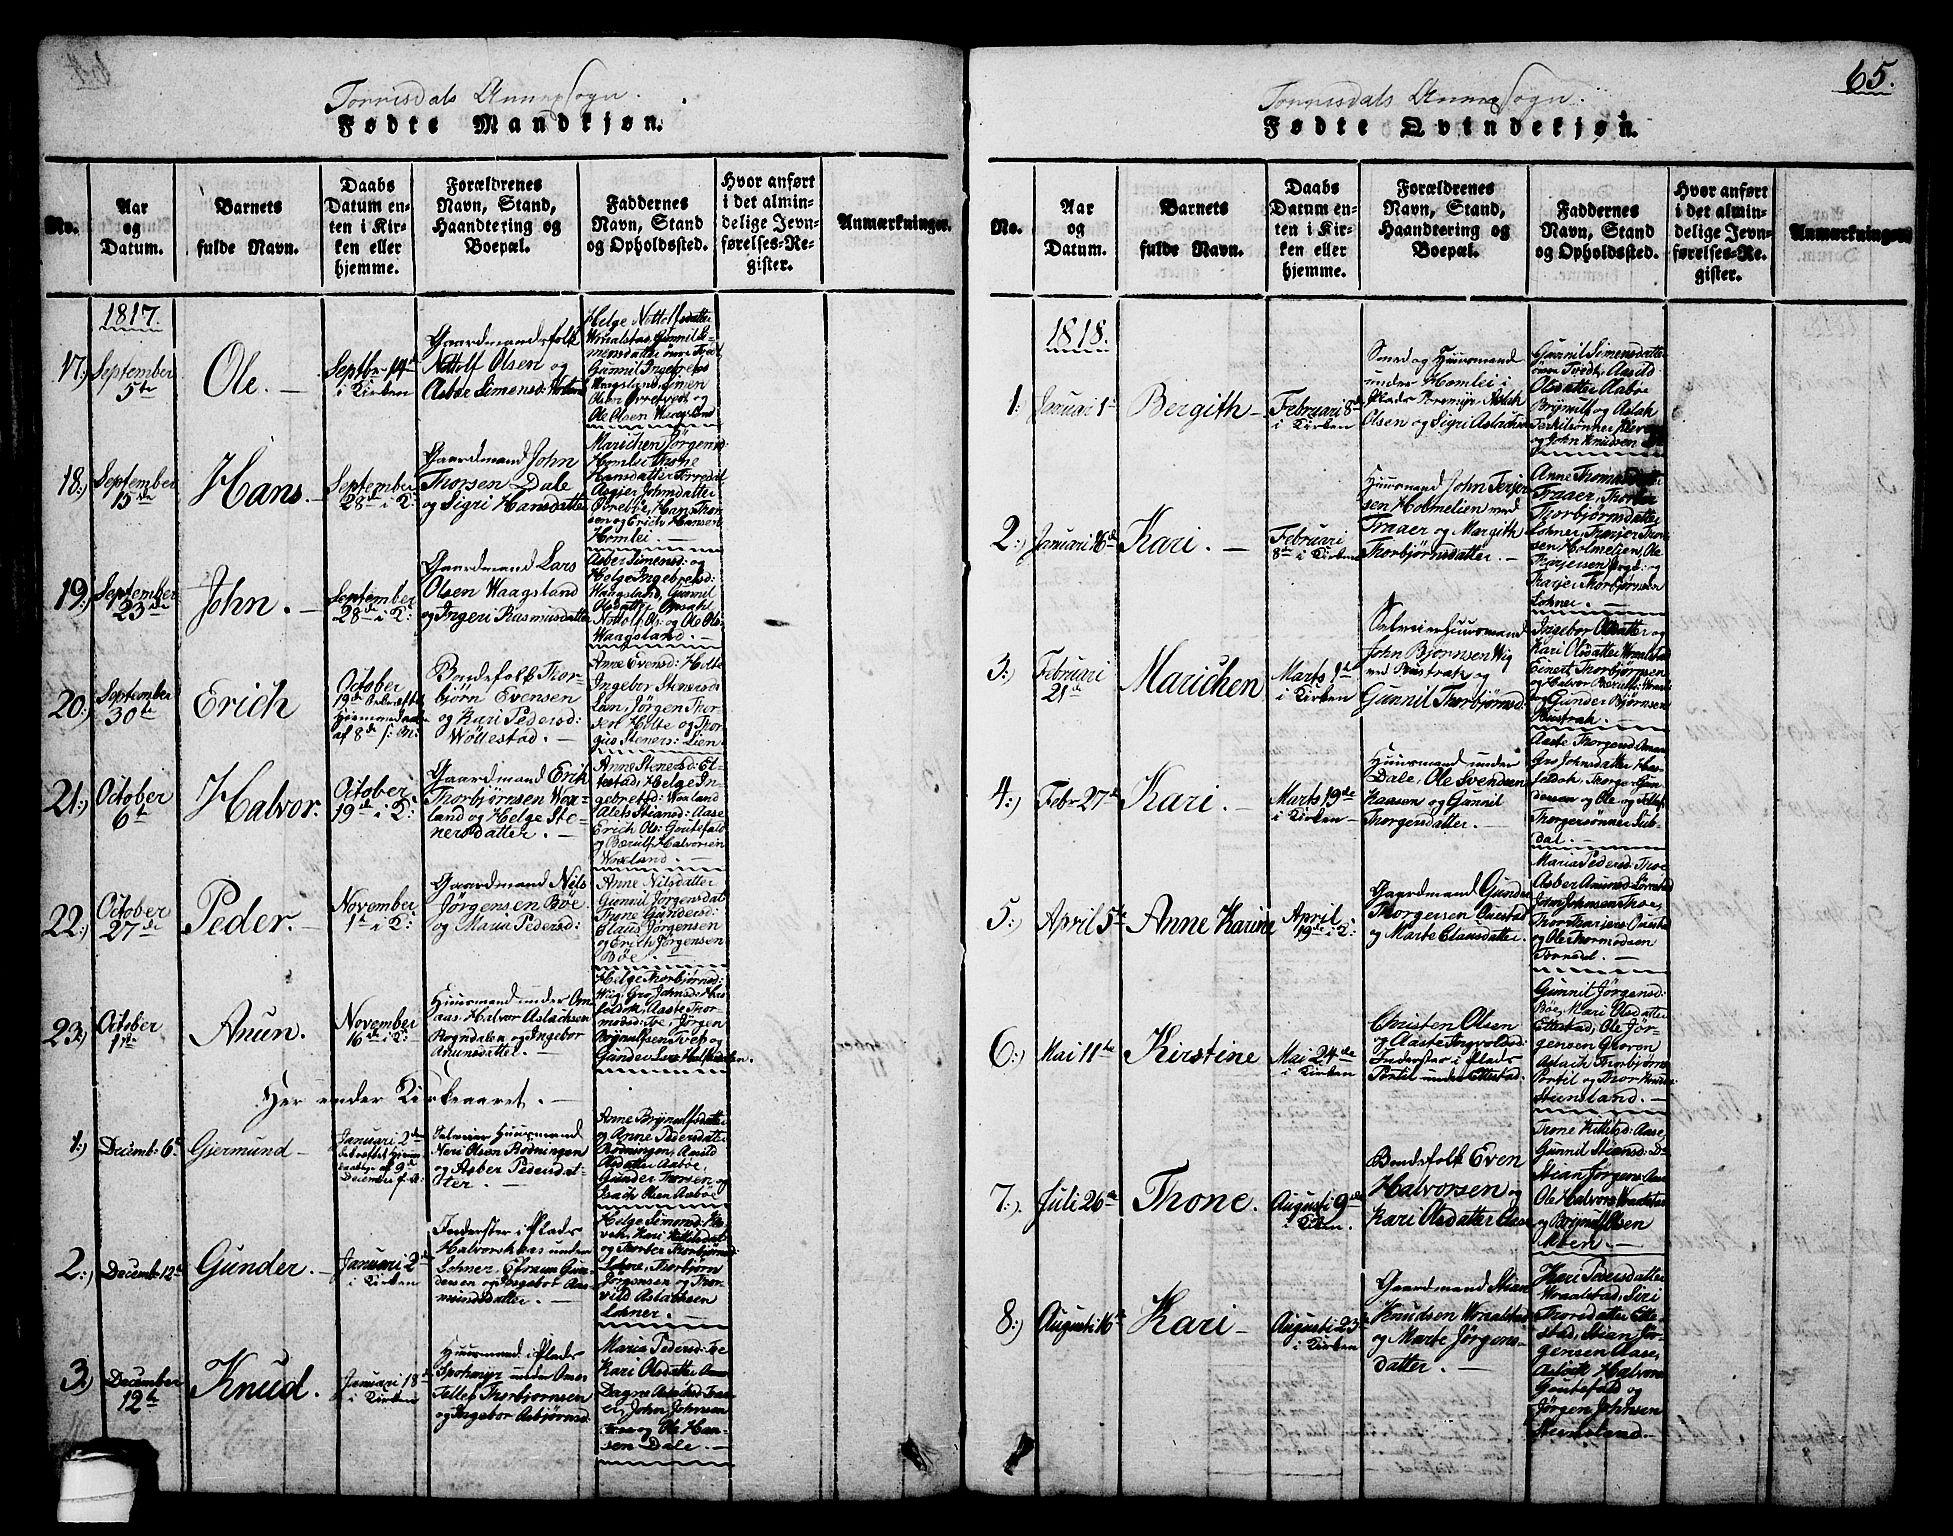 SAKO, Drangedal kirkebøker, G/Ga/L0001: Klokkerbok nr. I 1 /2, 1814-1856, s. 65